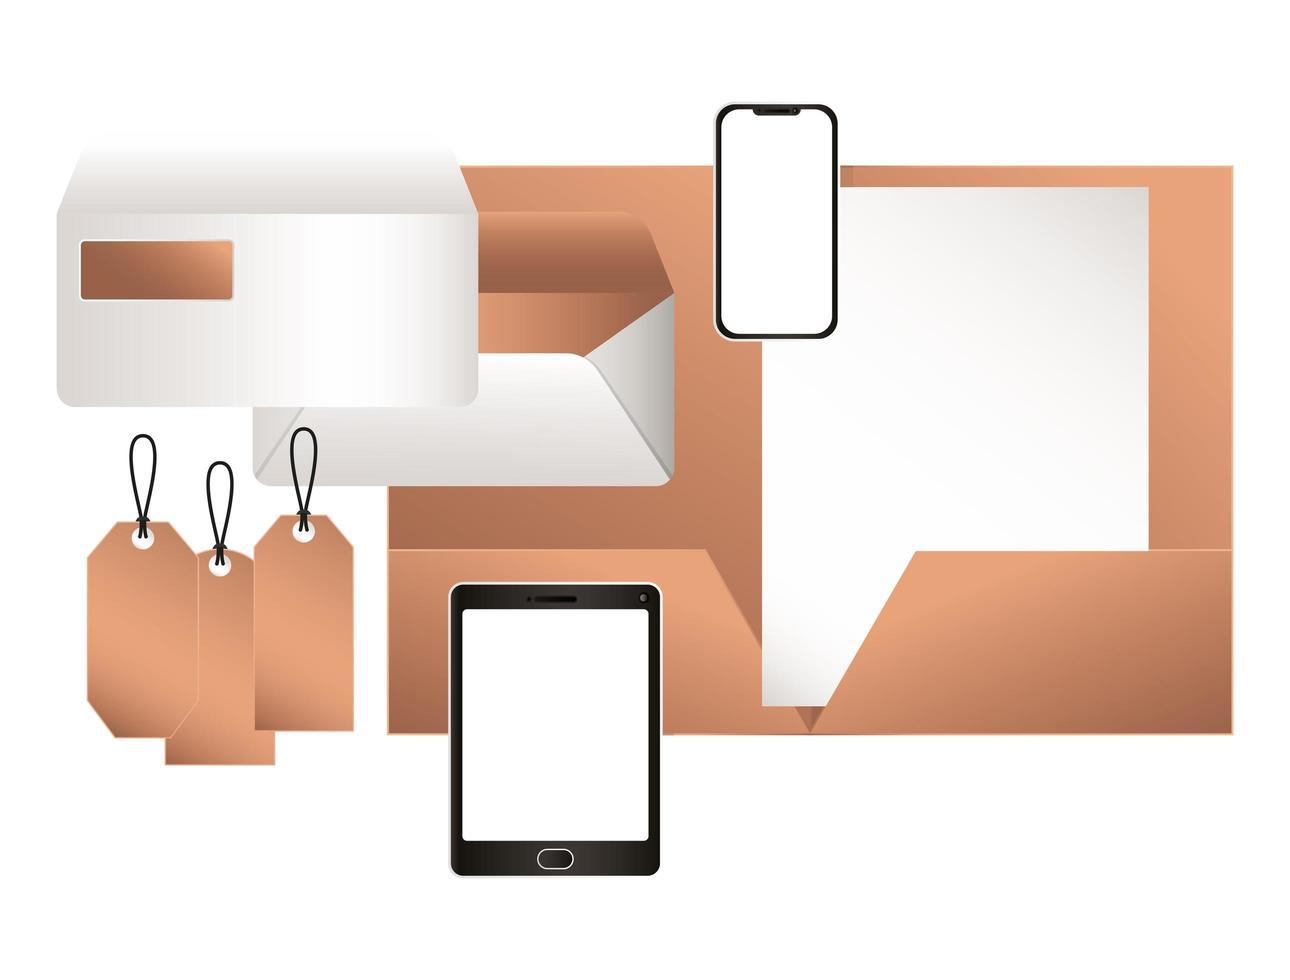 tableta de maqueta con diseño de archivo y sobres de teléfono inteligente vector